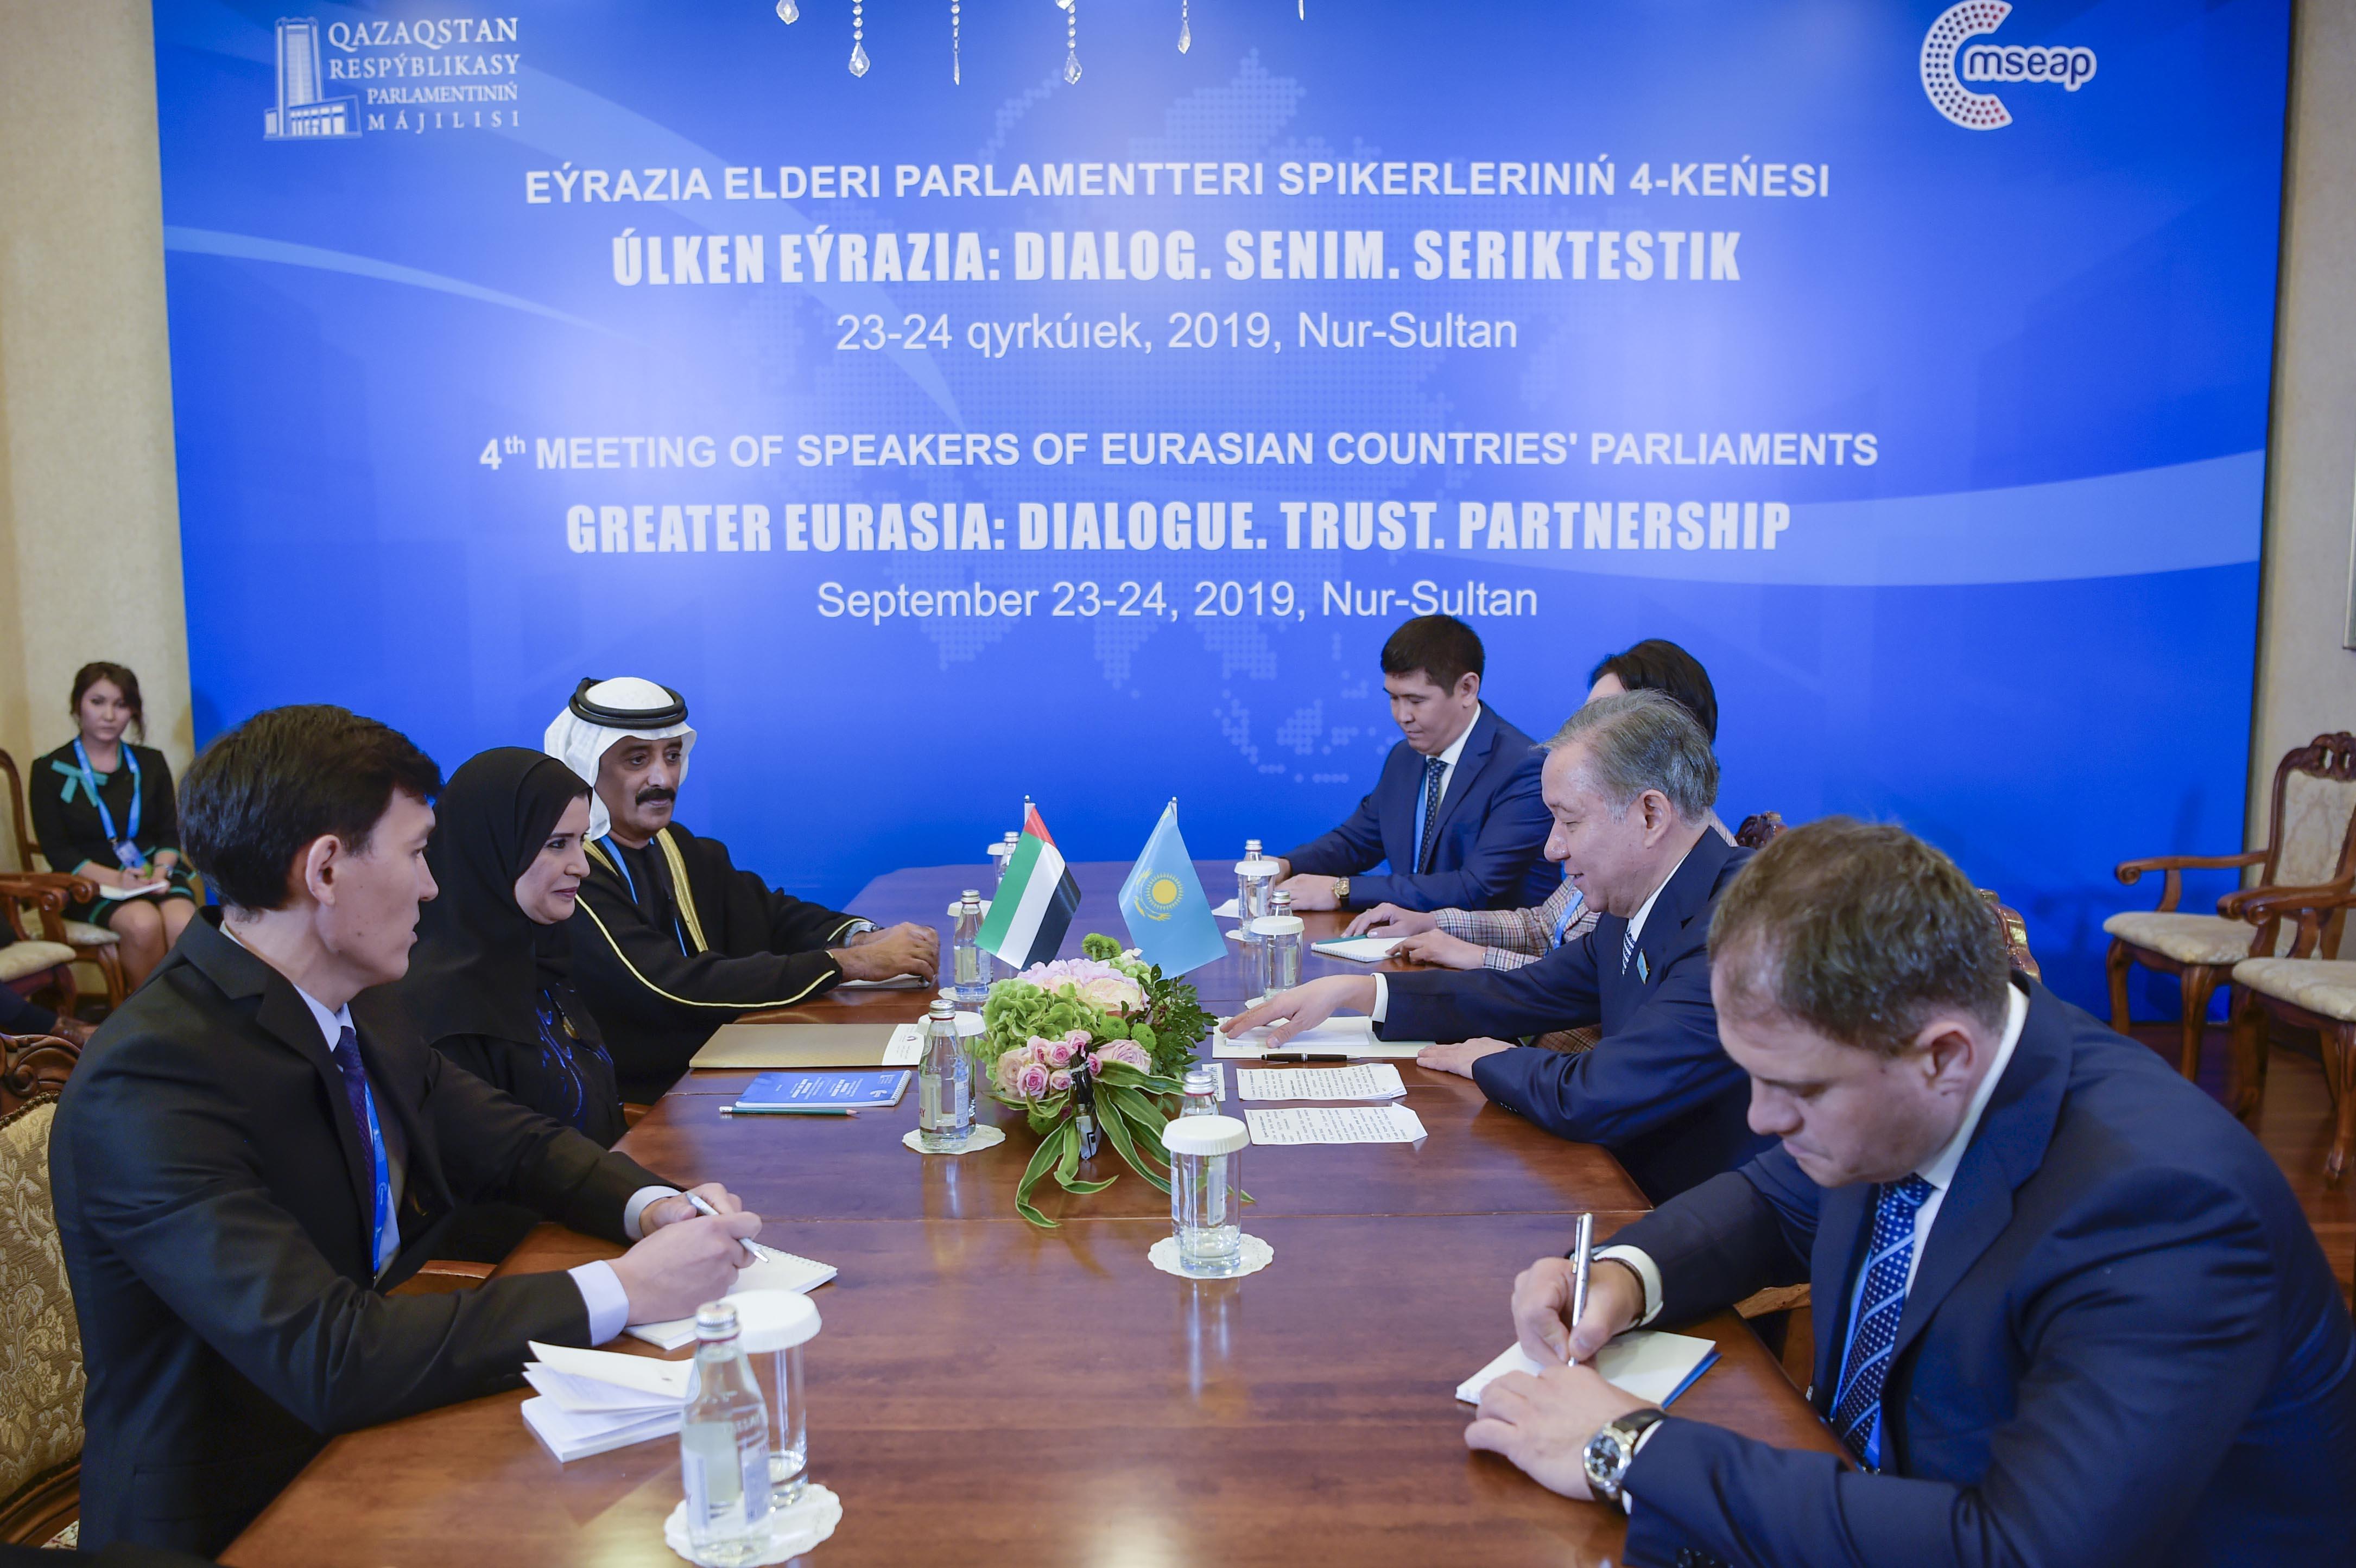 القبيسي تبحث تعزيز العلاقات البرلمانية مع رئيس مجلس النواب الكازاخستاني 4